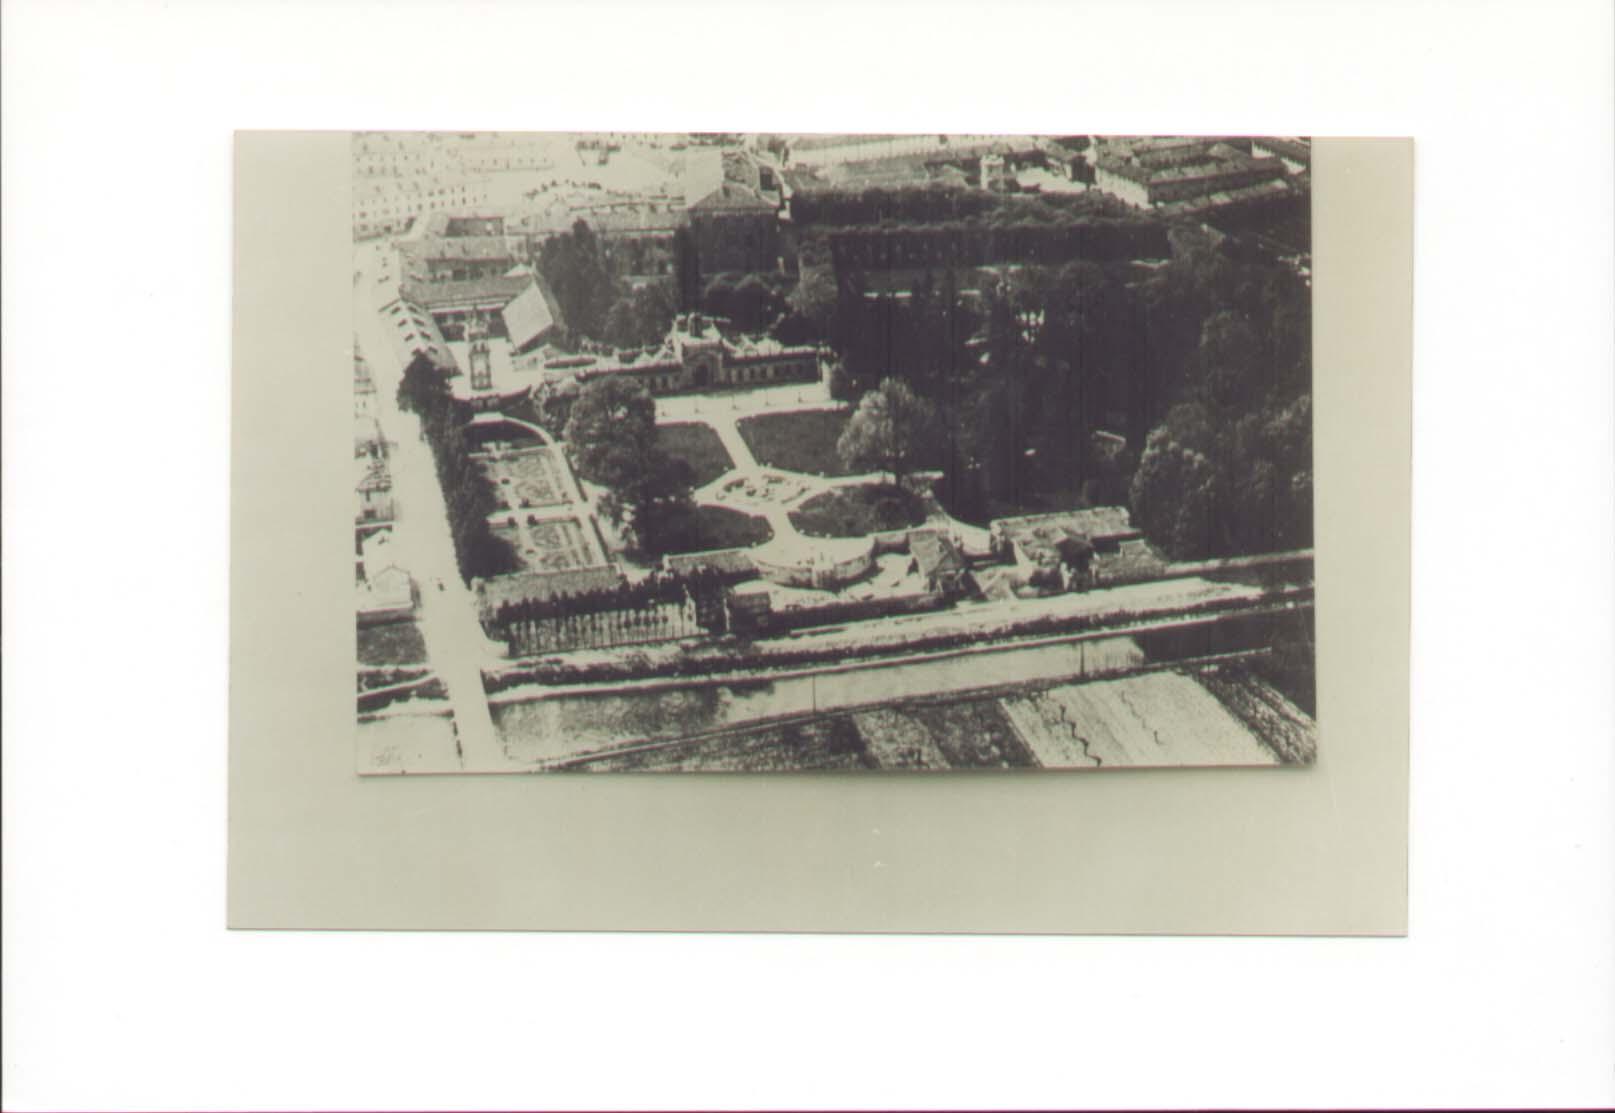 Villa Litta giardino anni 30